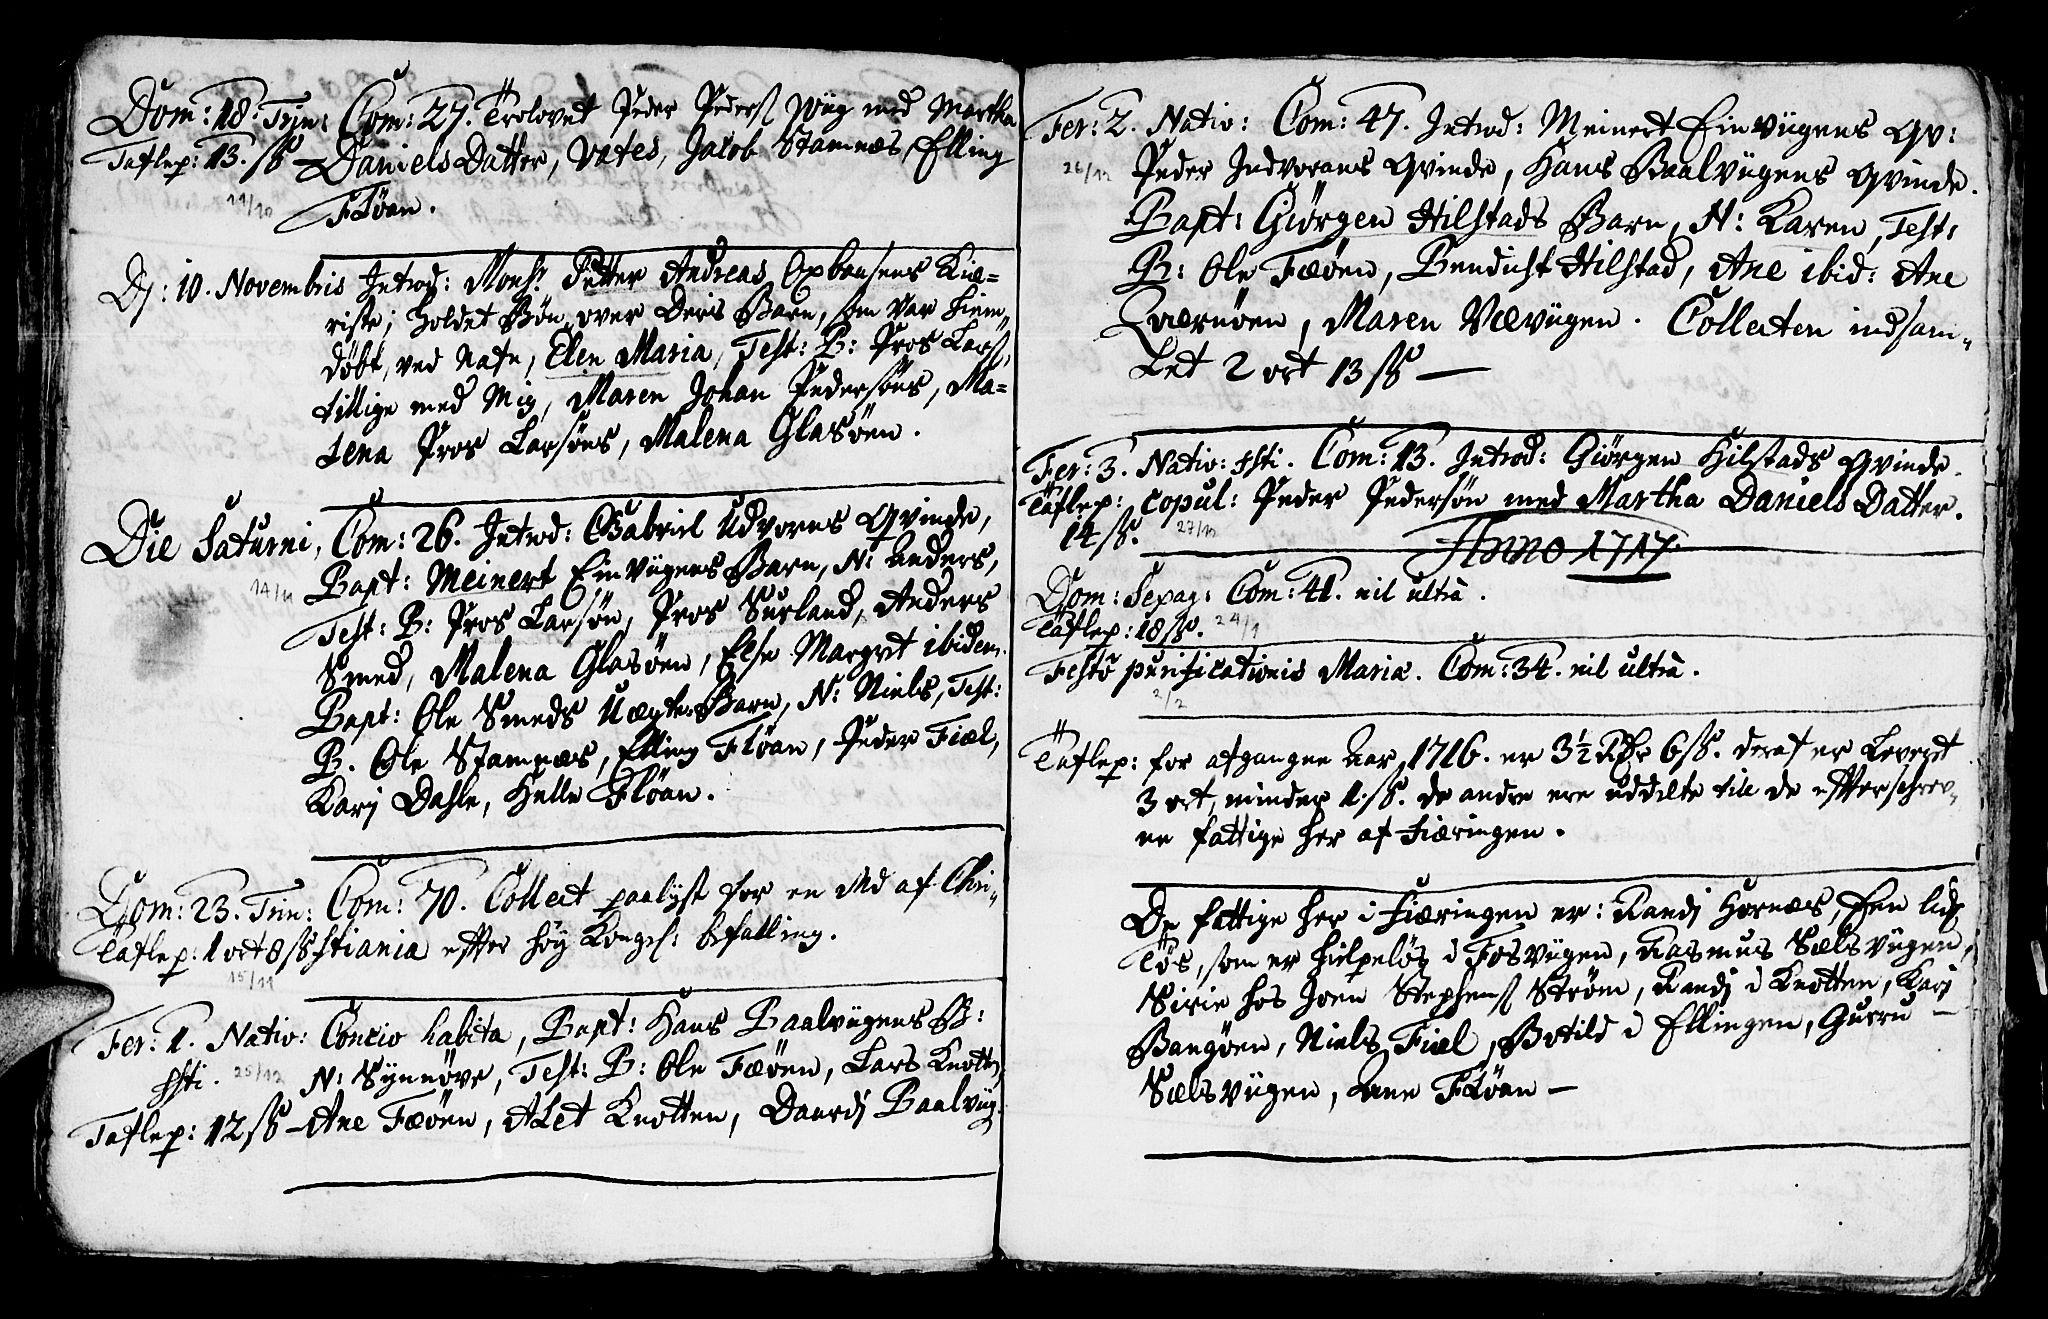 SAT, Ministerialprotokoller, klokkerbøker og fødselsregistre - Nord-Trøndelag, 771/L0594: Ministerialbok nr. 771A01, 1689-1738